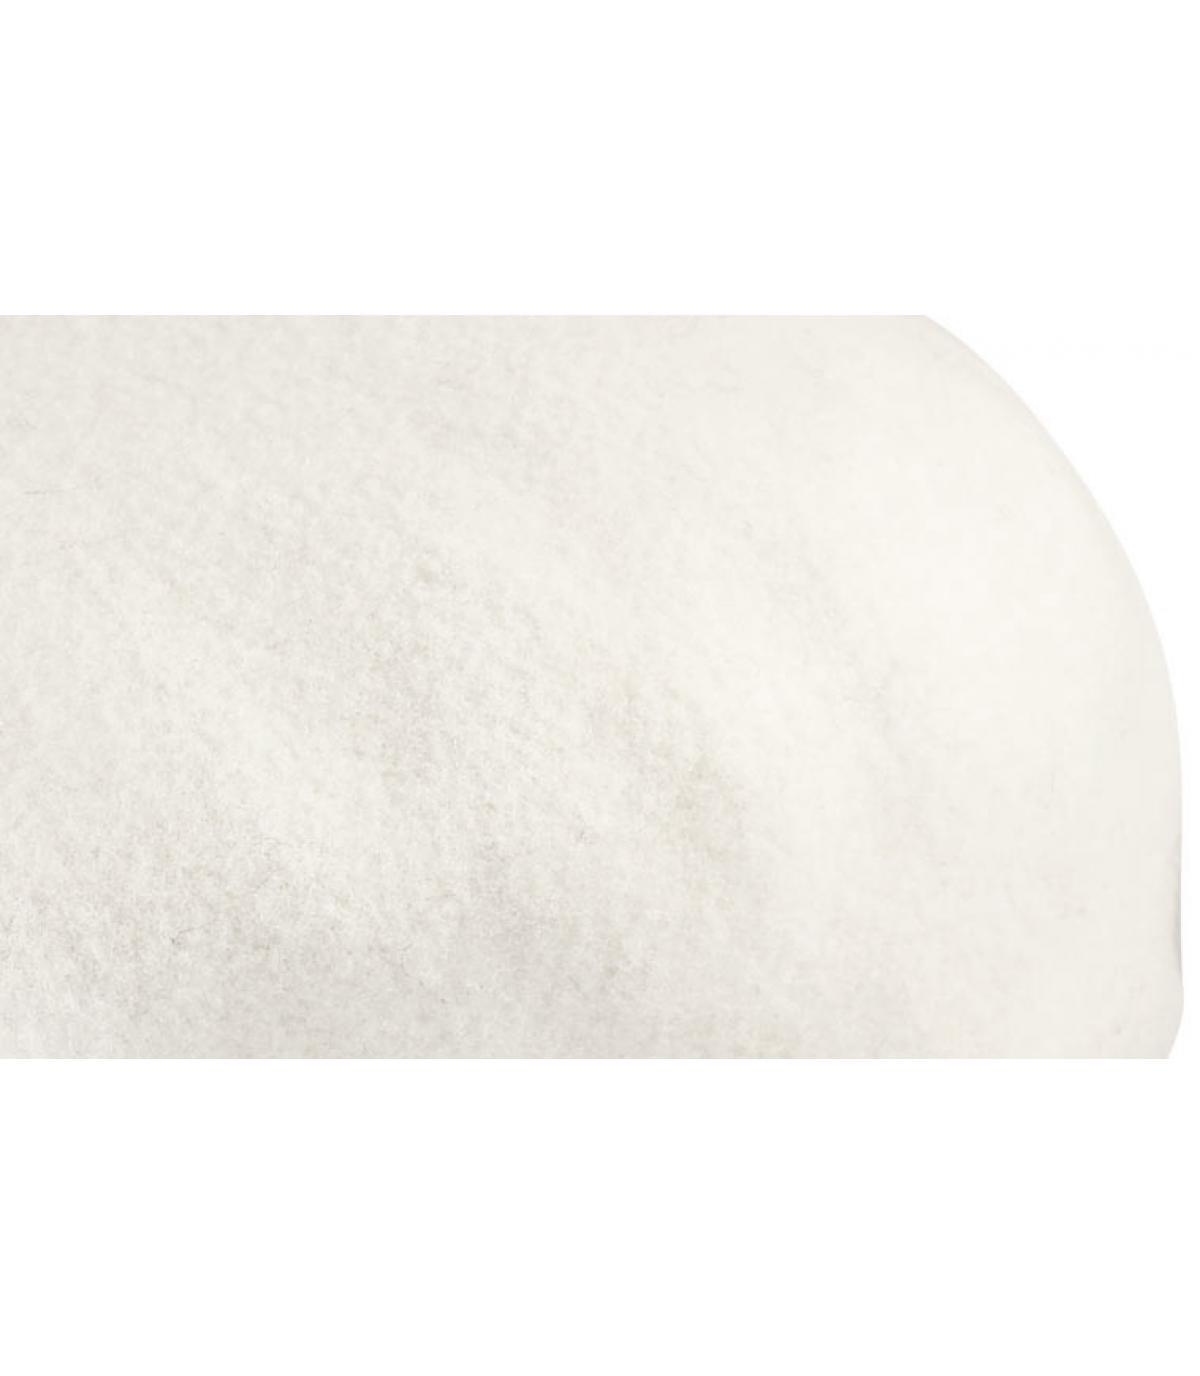 Détails 504 wool blanc - image 2